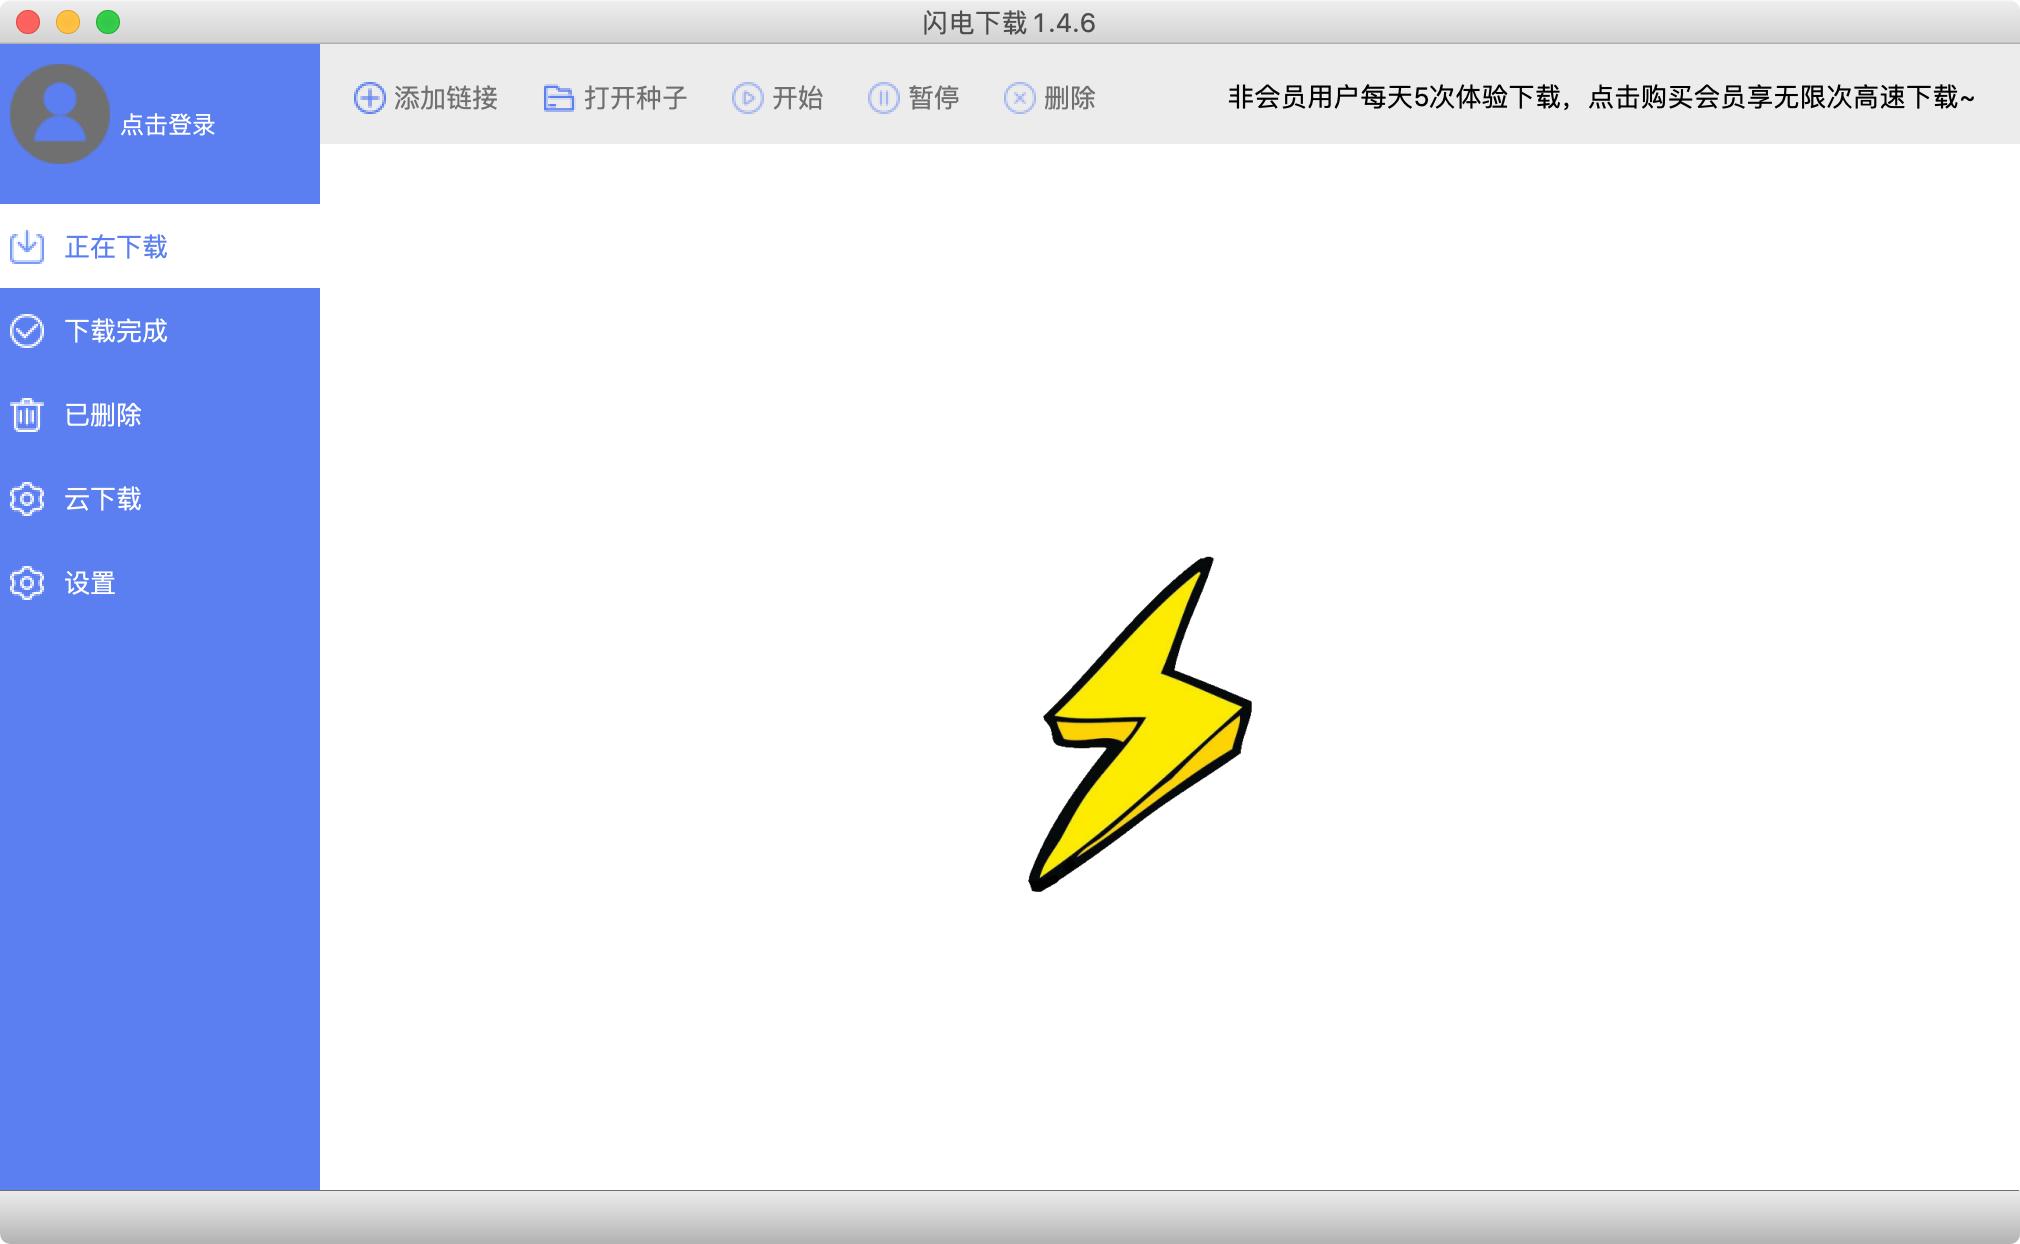 闪电下载,迅雷版权限制时备用下载软件,支持多平台客户端!